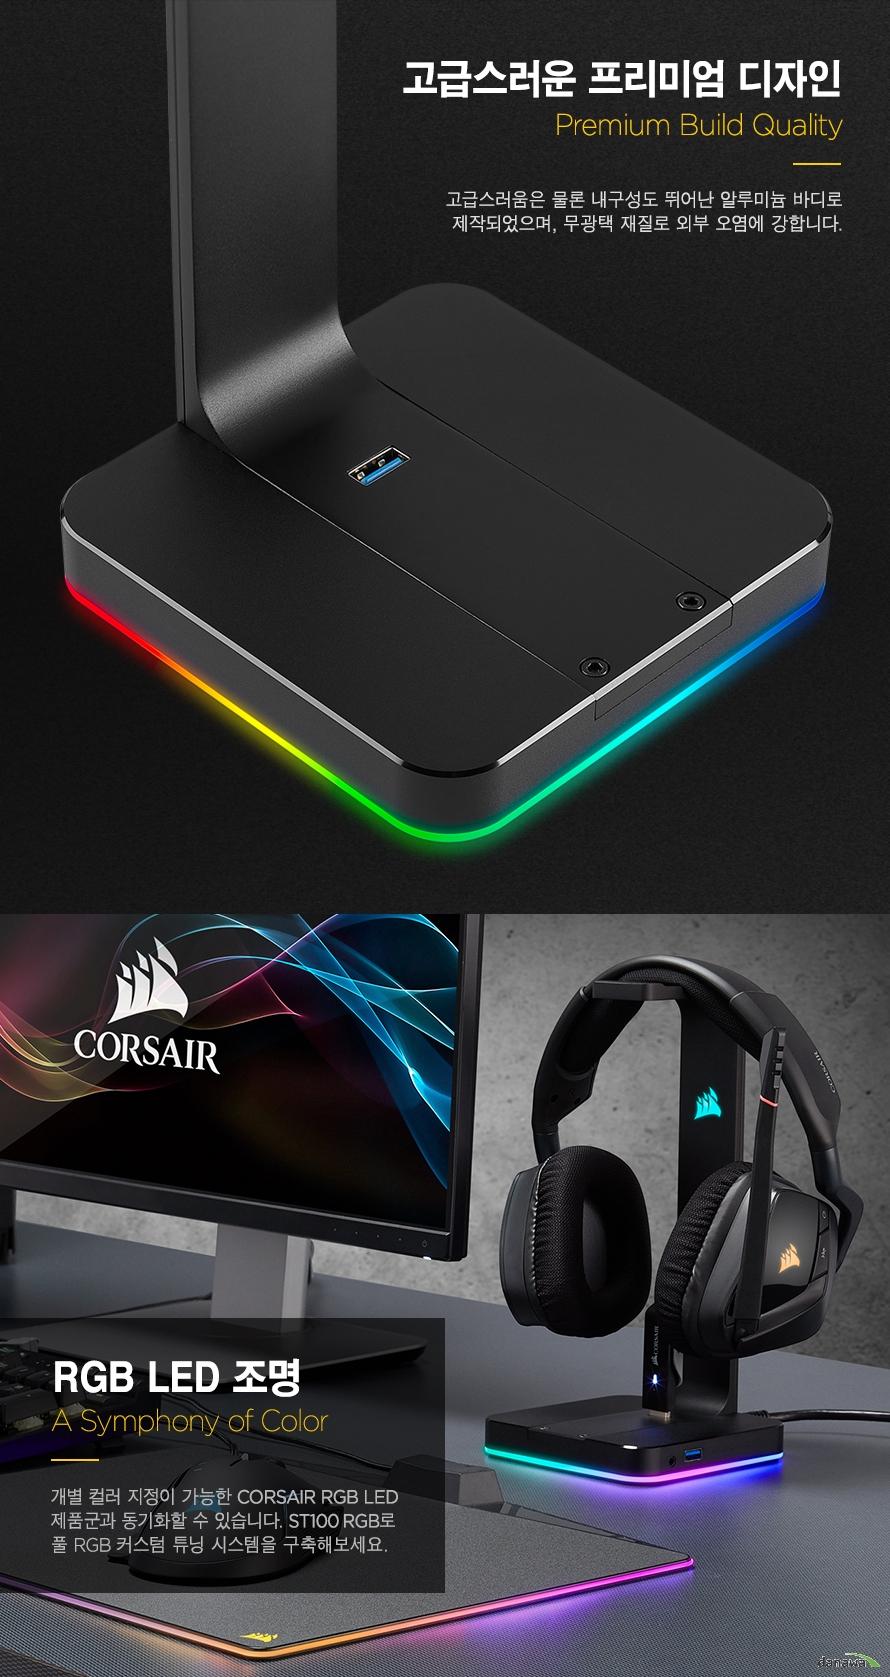 고급스러운 프리미엄 디자인고급스러움은 물론 내구성도 뛰어난 알루미늄 바디로제작되었으며, 무광택 재질로 외부 오염에 강합니다.RGB LED 조명개별 컬러 지정이 가능한 CORSAIR RGB LED제품군과 동기화할 수 있습니다. ST100 RGB로 풀 RGB 커스텀 튜닝 시스템을 구축해보세요.